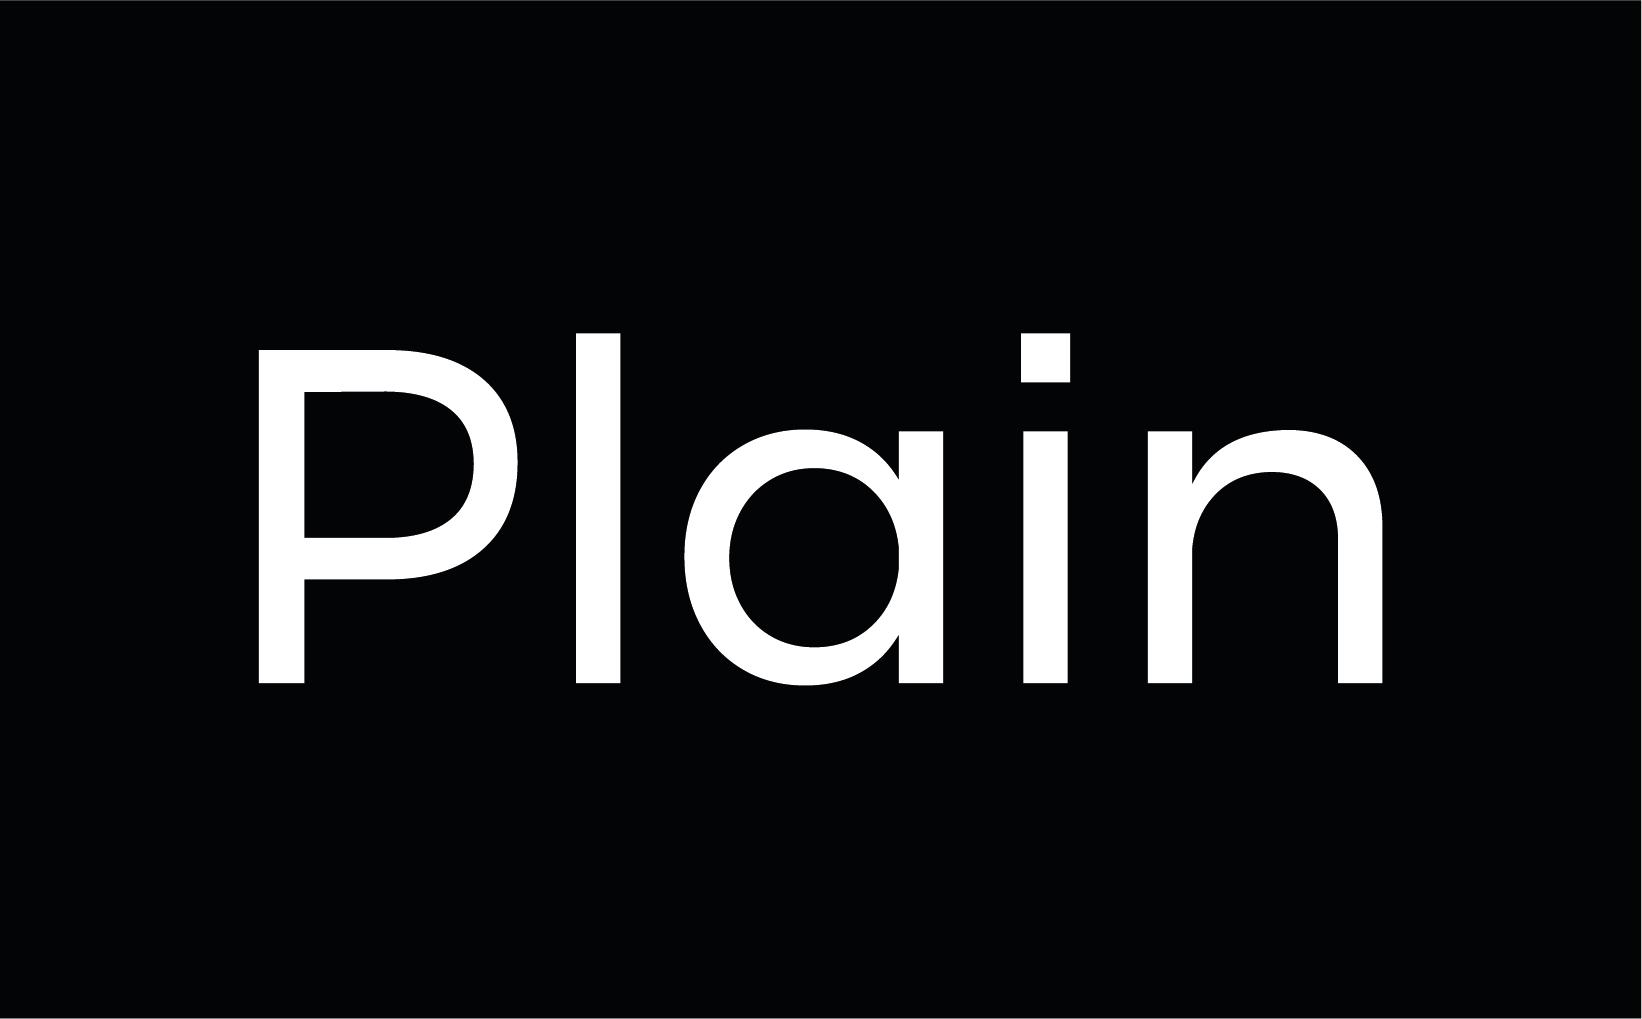 bp_plain_logo_negative